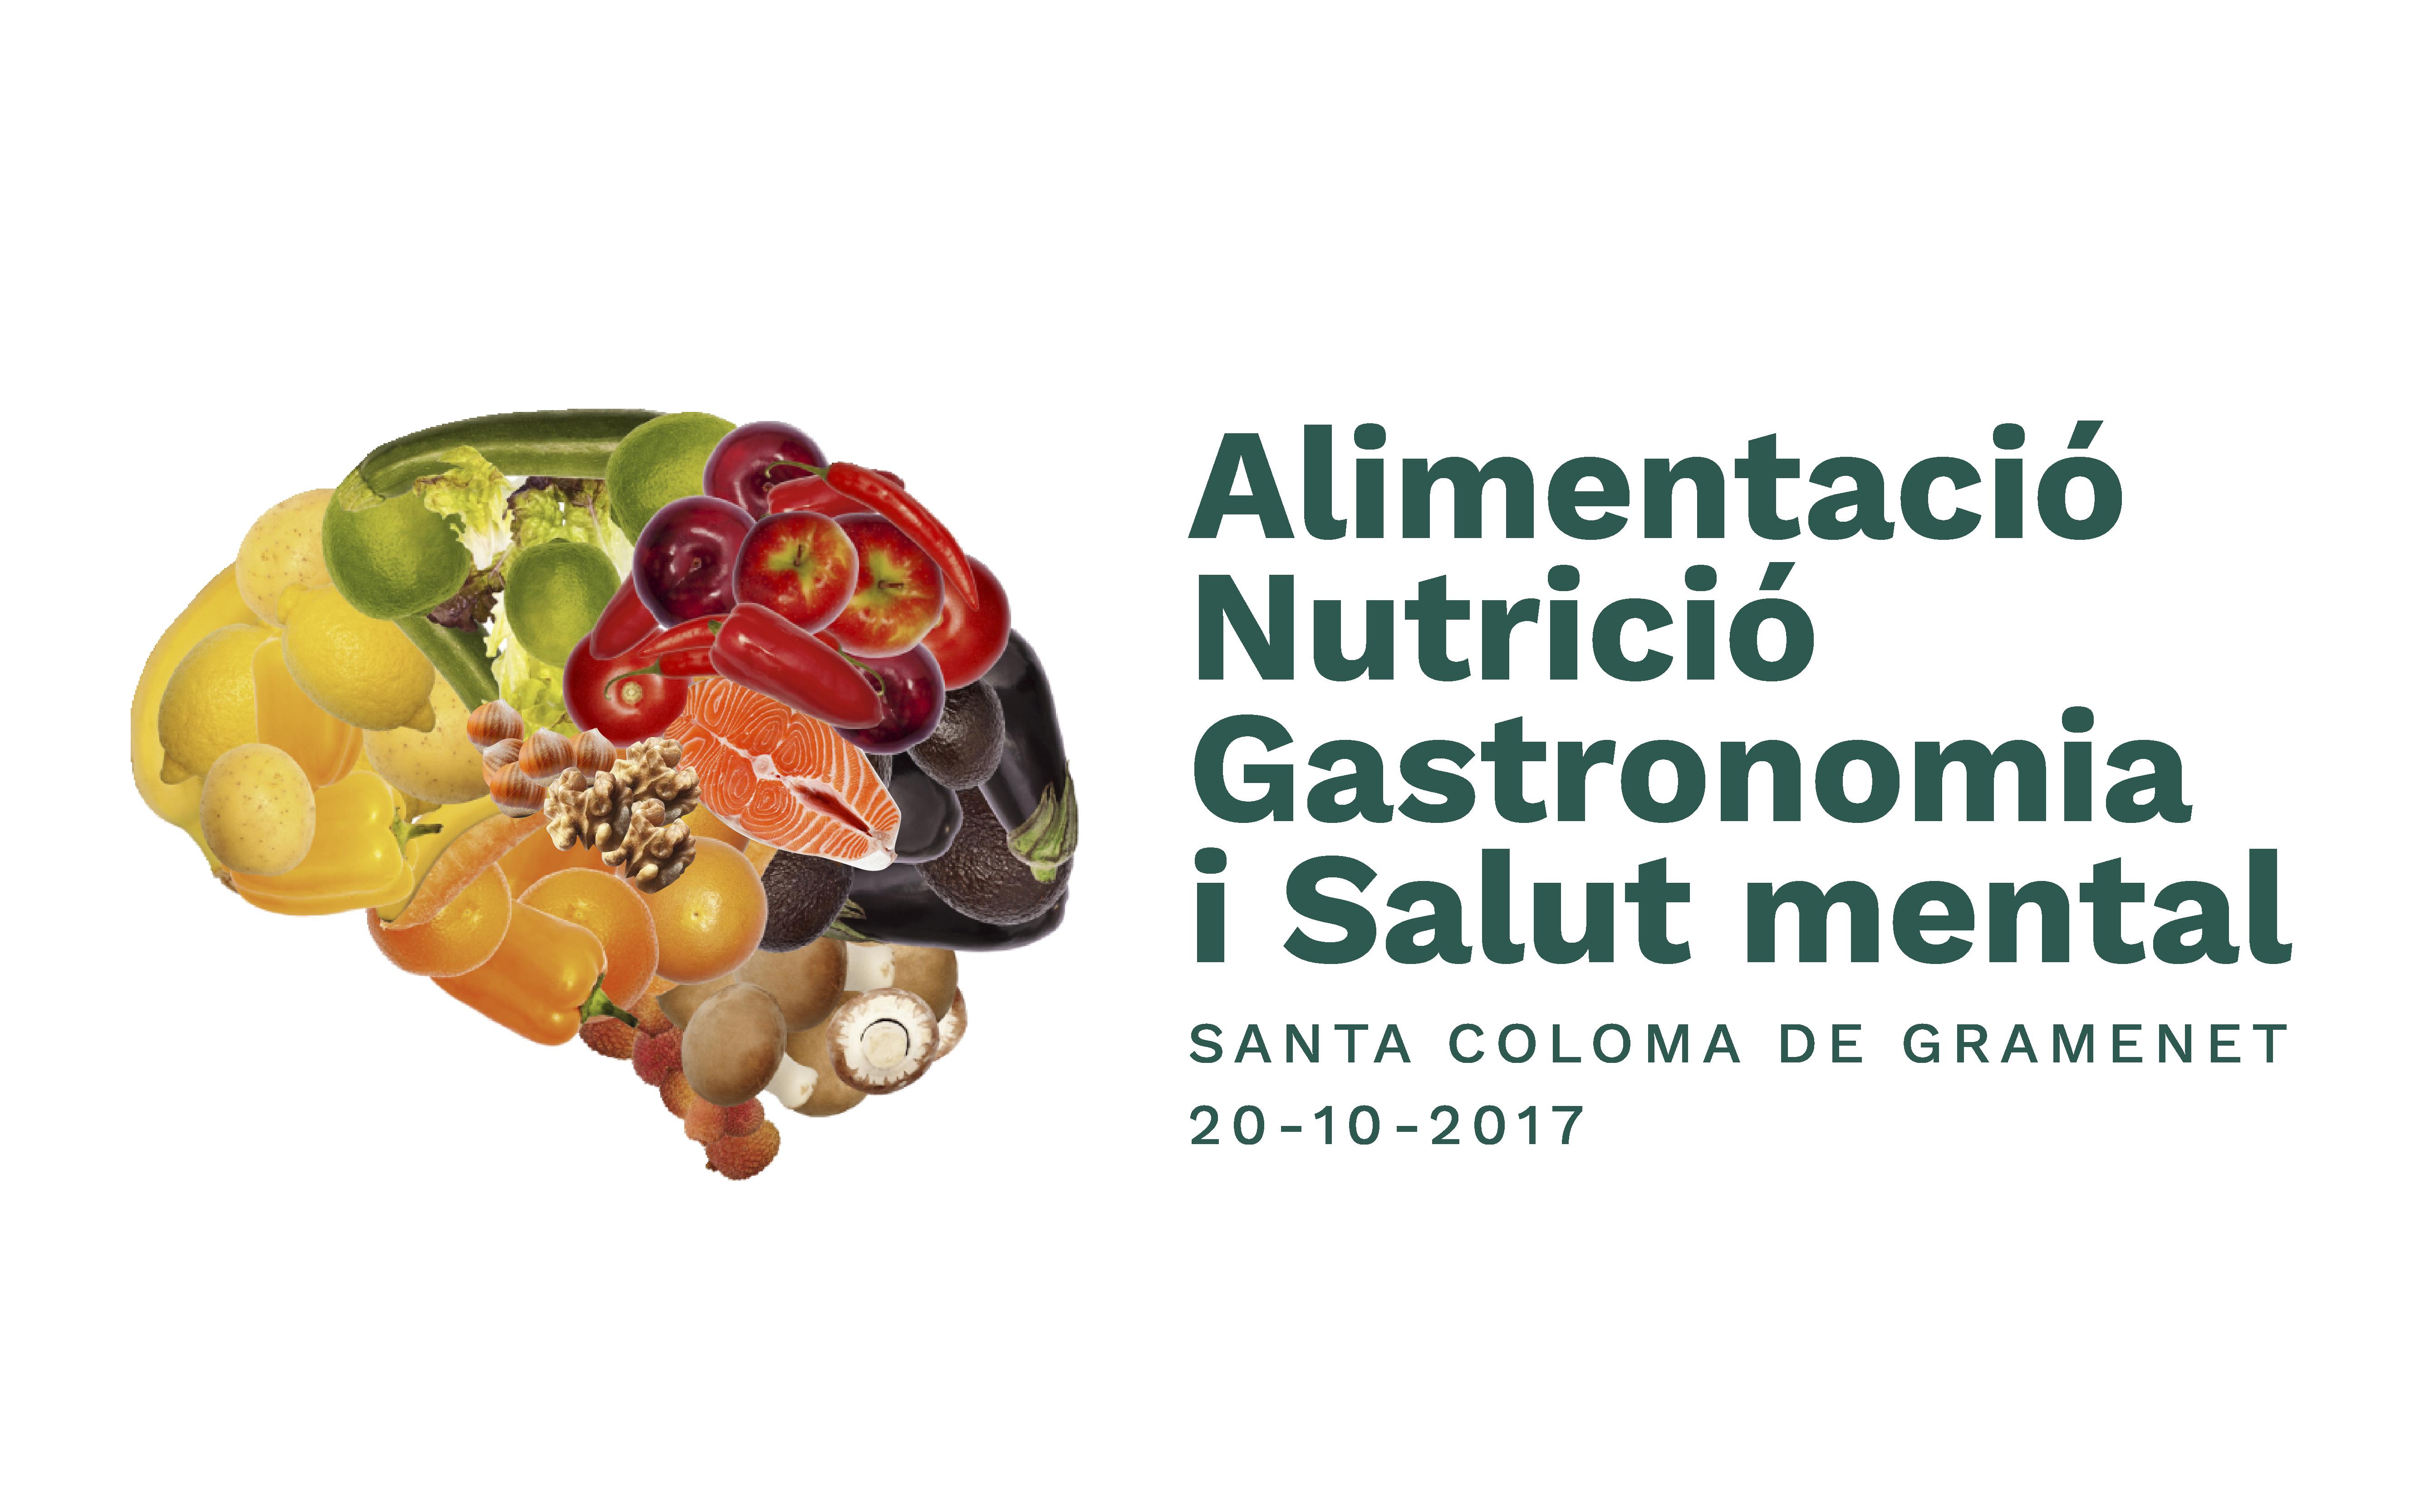 Jornada d'Alimentació, Nutrició, Gastronomia i Salut Mental 2017